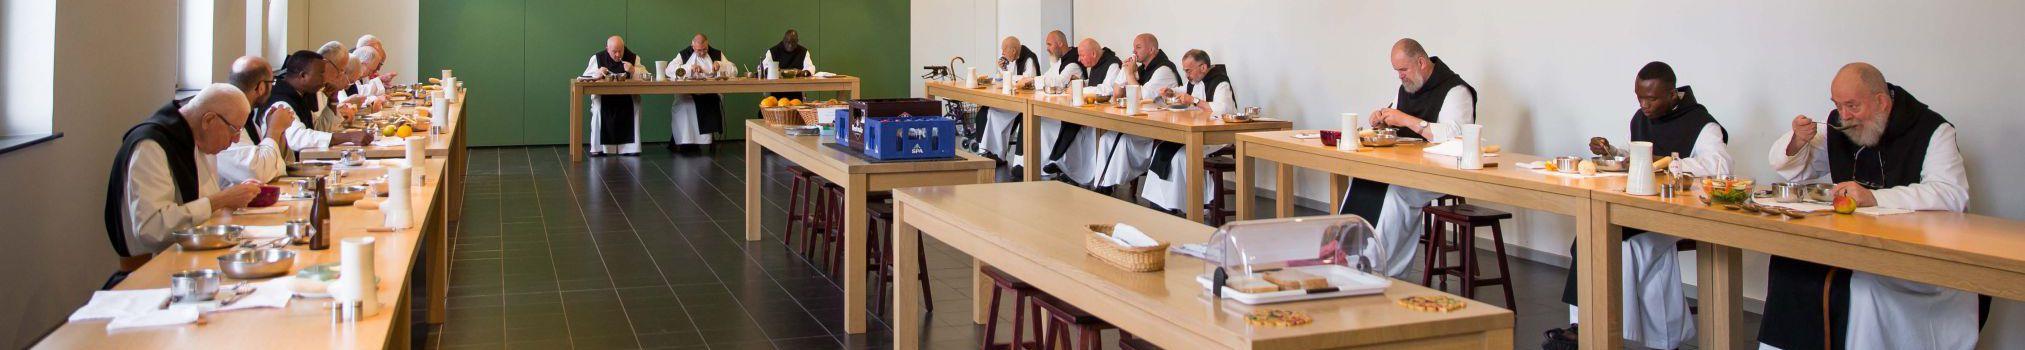 Les moines prennent leurs repas ensemble, en silence, dans le réfectoire